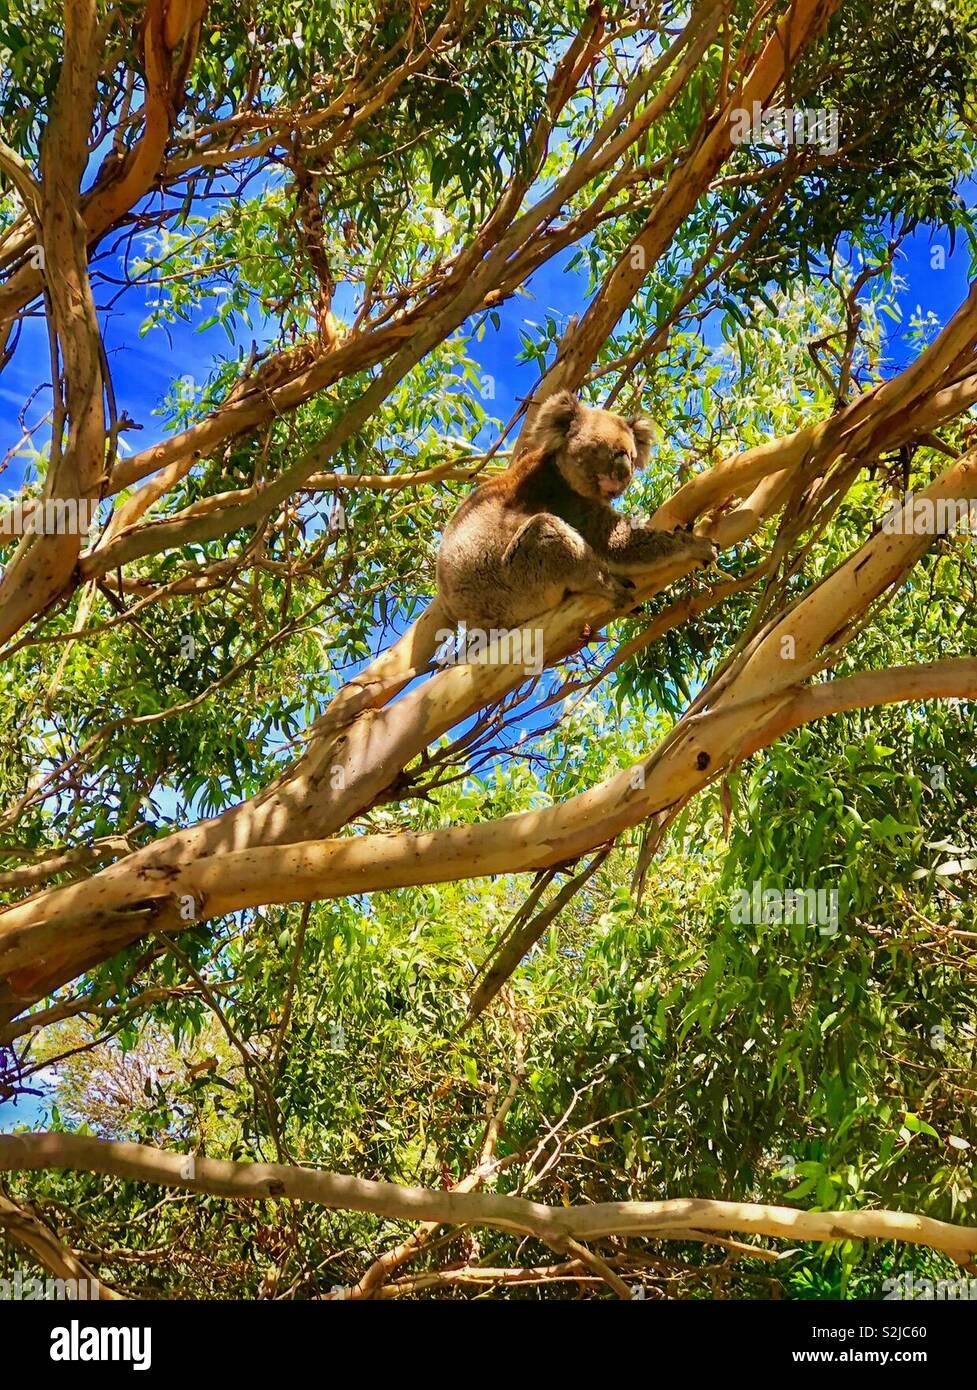 El Koala en el árbol. Foto de stock